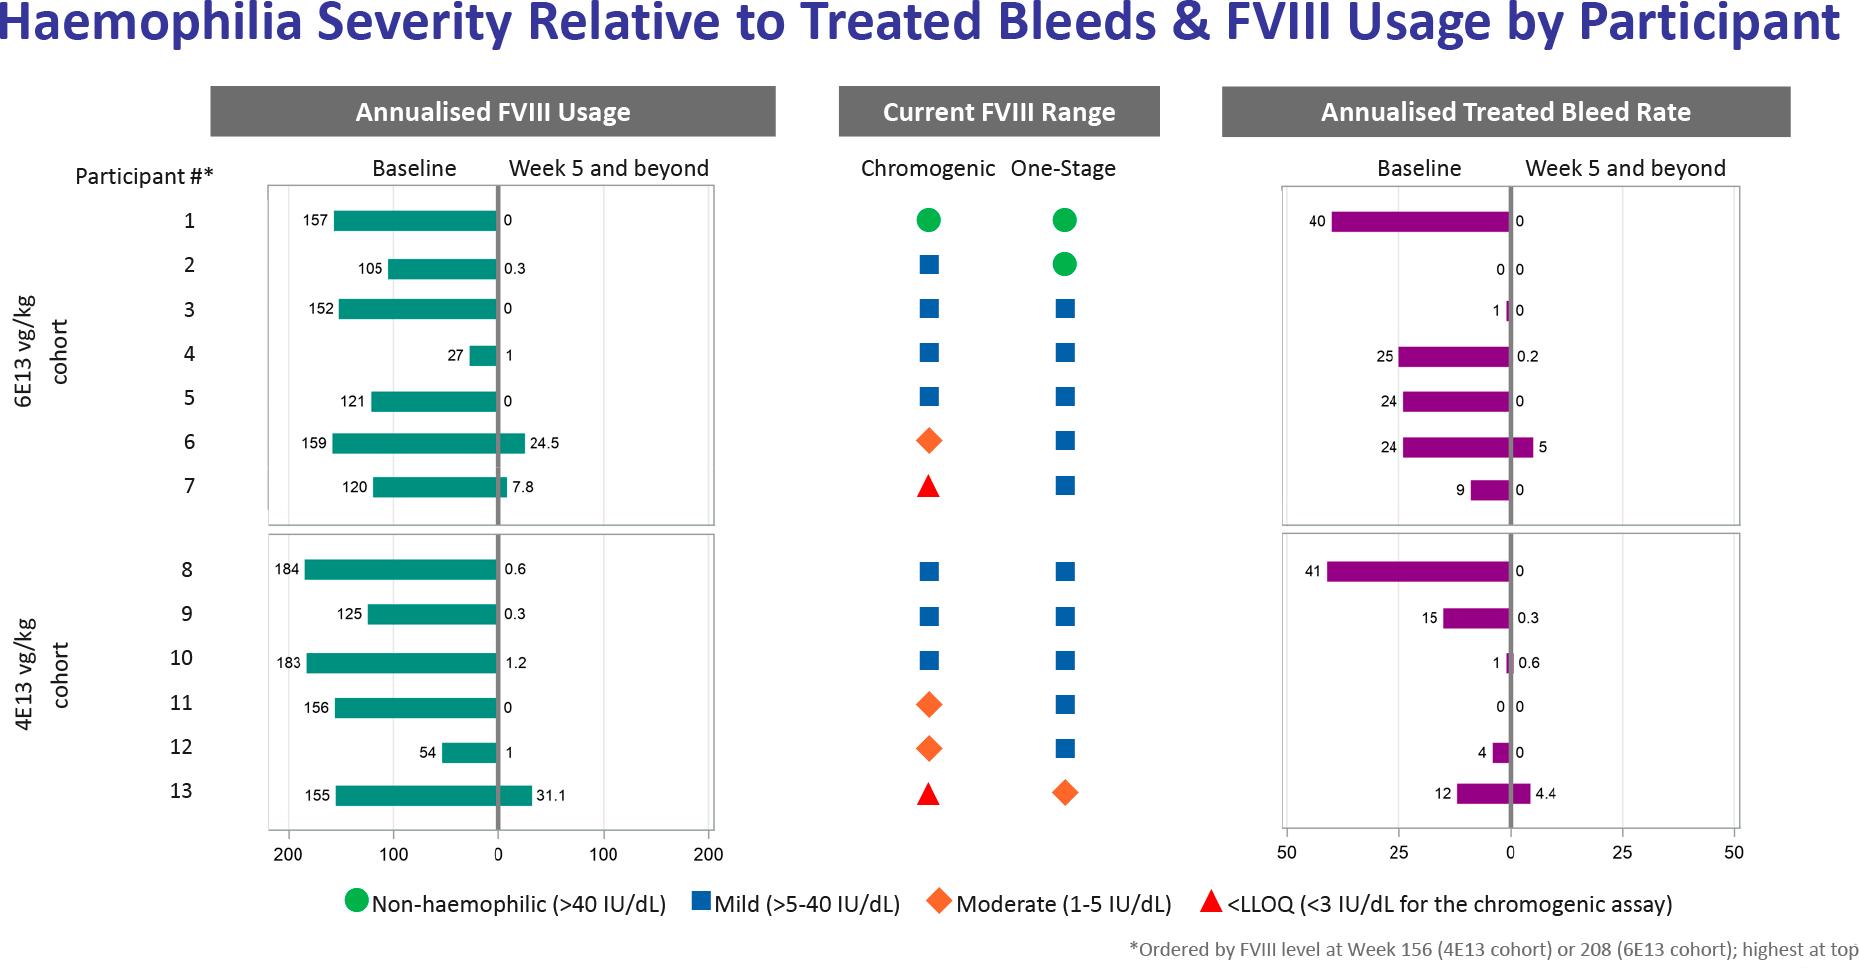 nct02576795 results 05 - Генная терапия гемофилии A: гонка за полным излечением